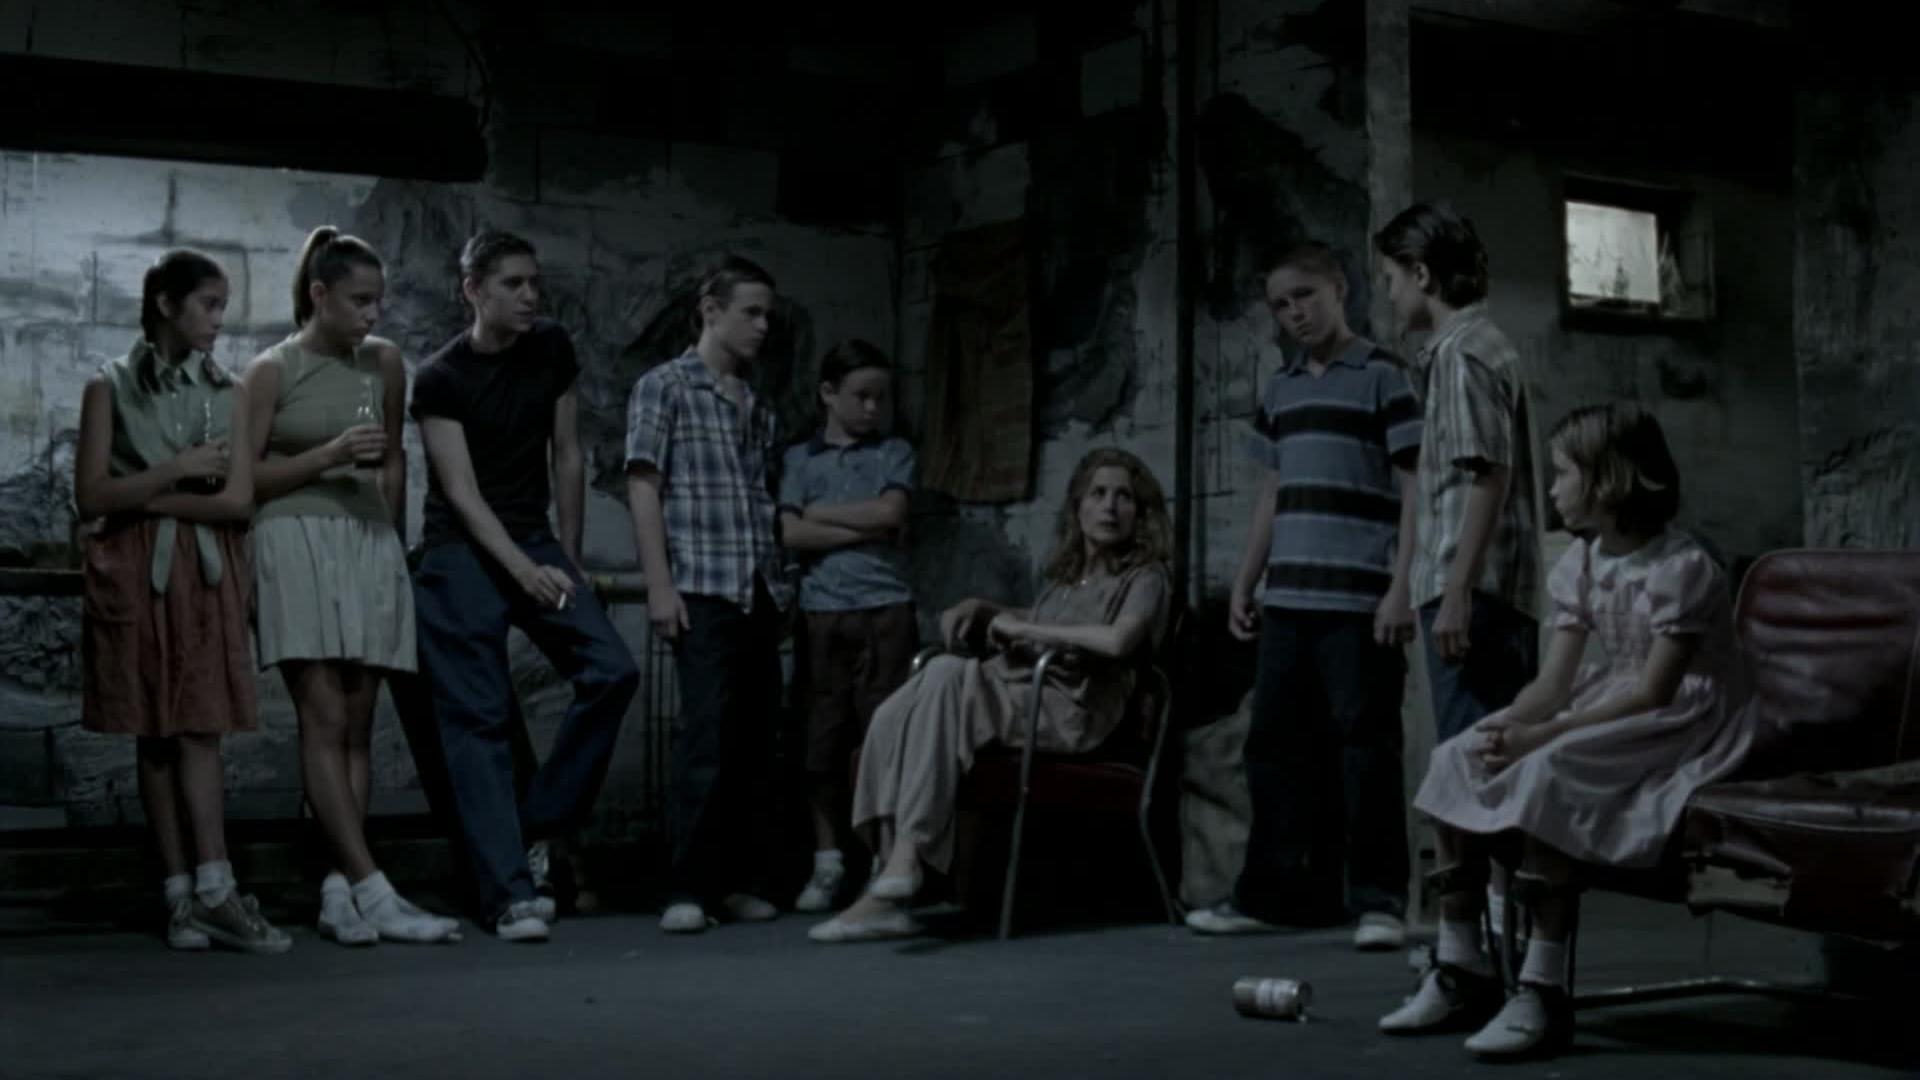 The girl next door films - La ragazza della porta accanto 2004 ...